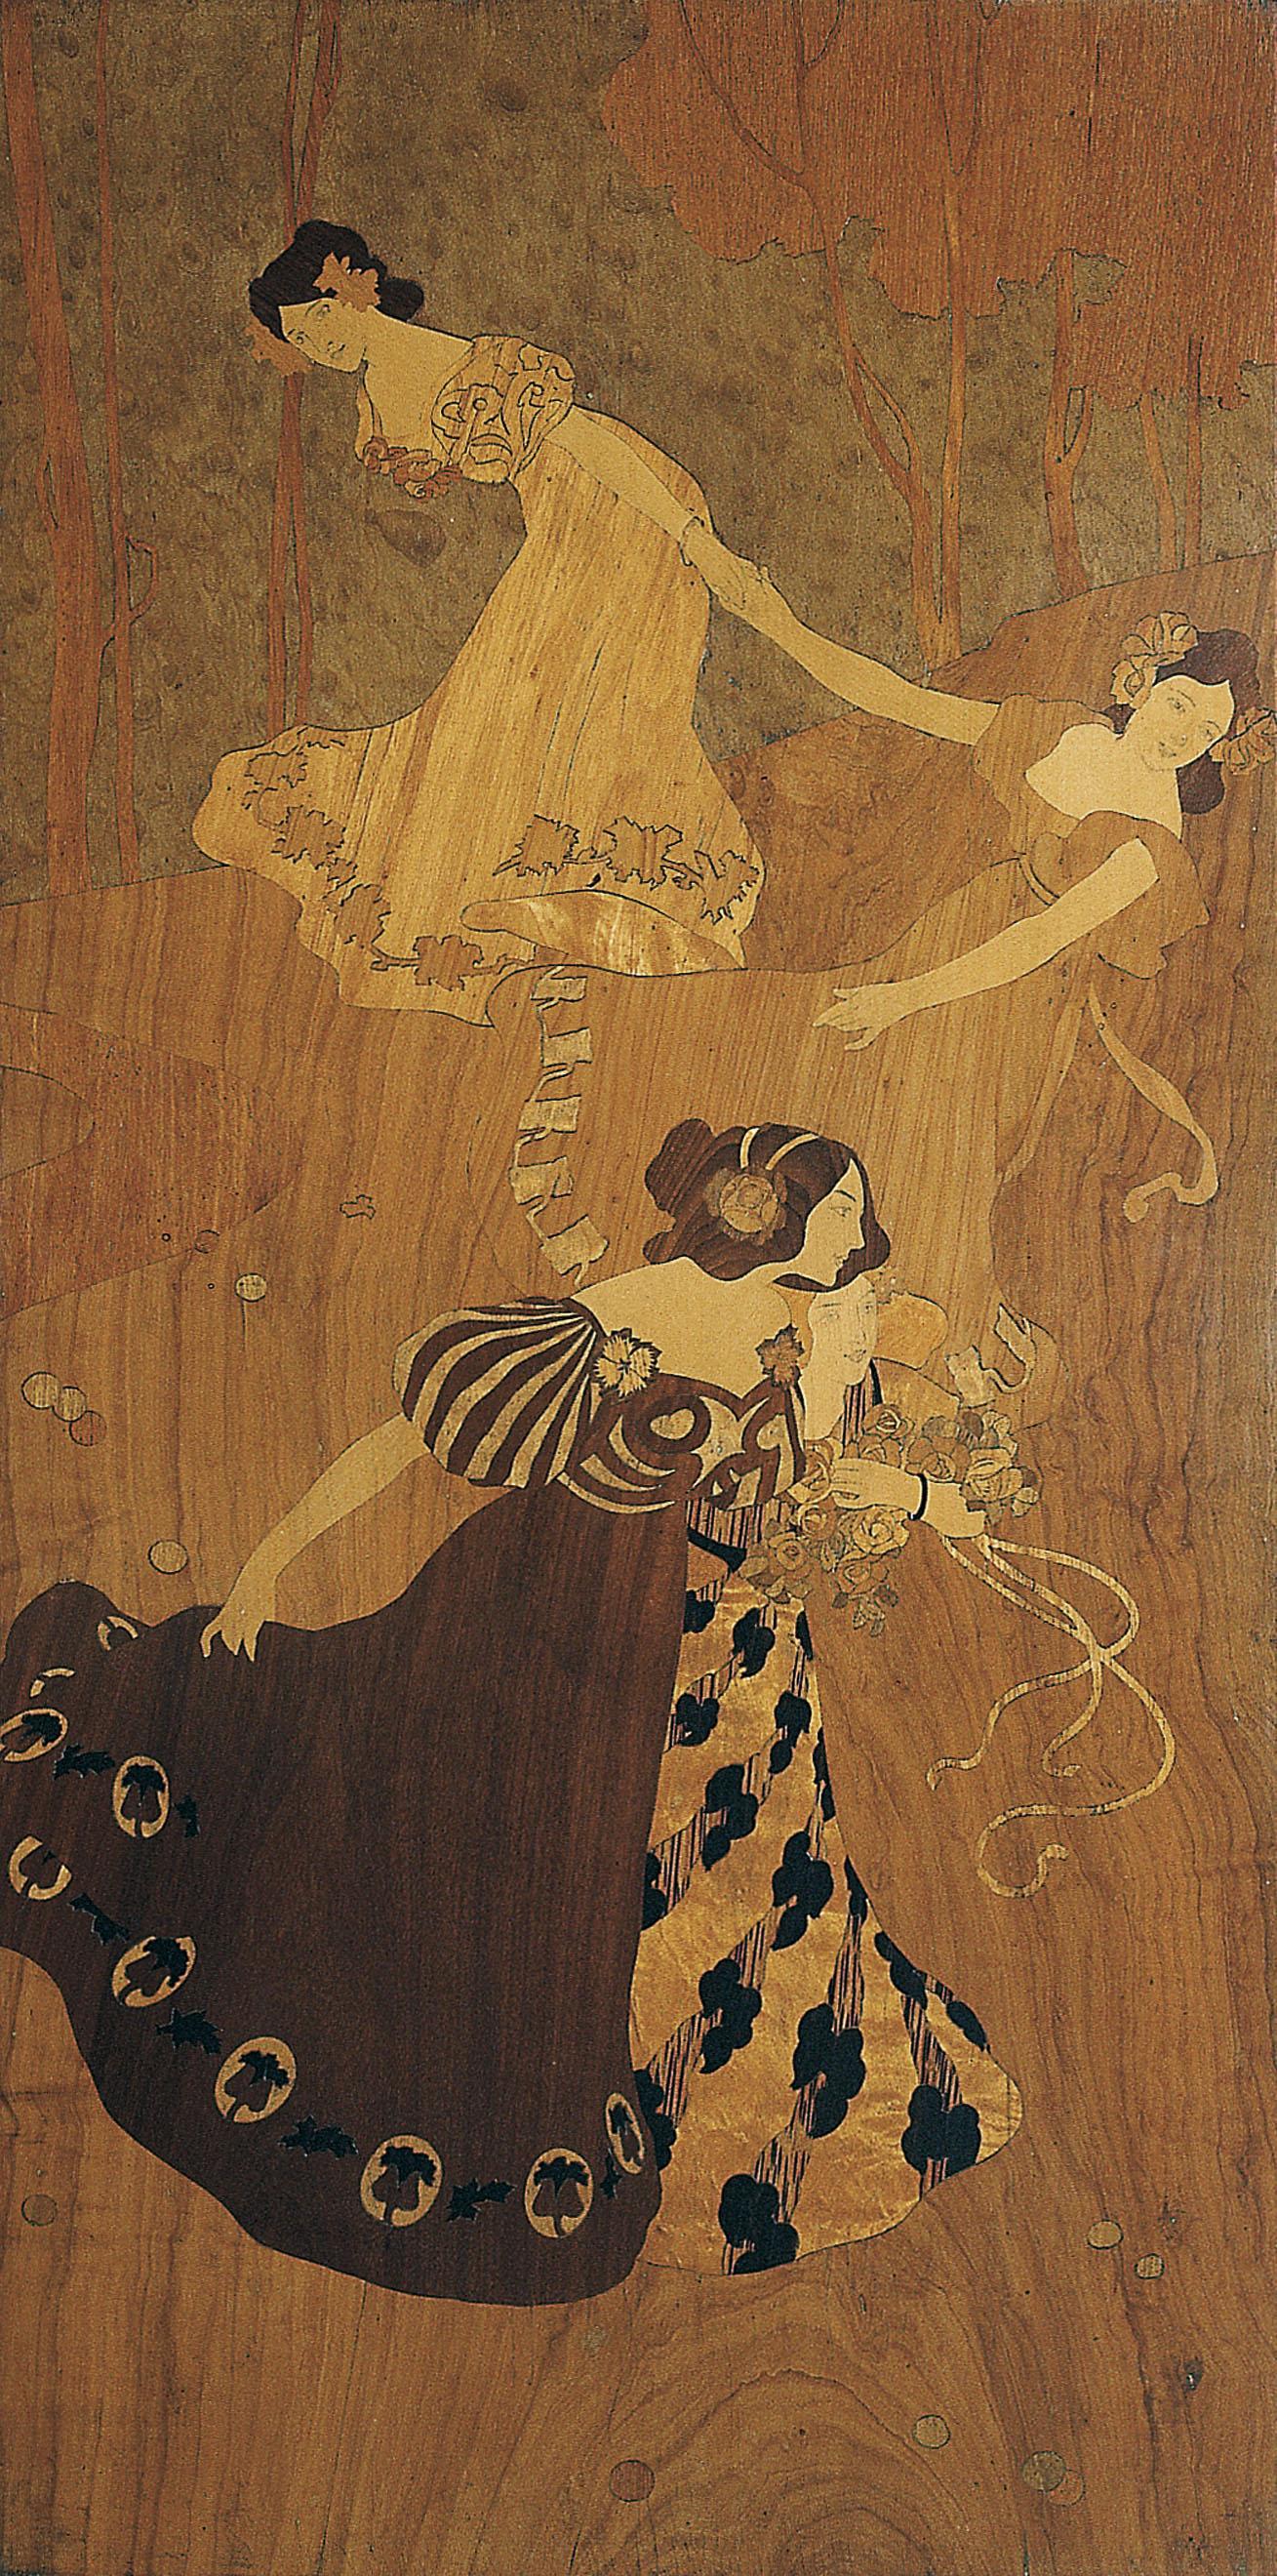 Gaspar Homar - Dansa de les fades - Cap a 1902